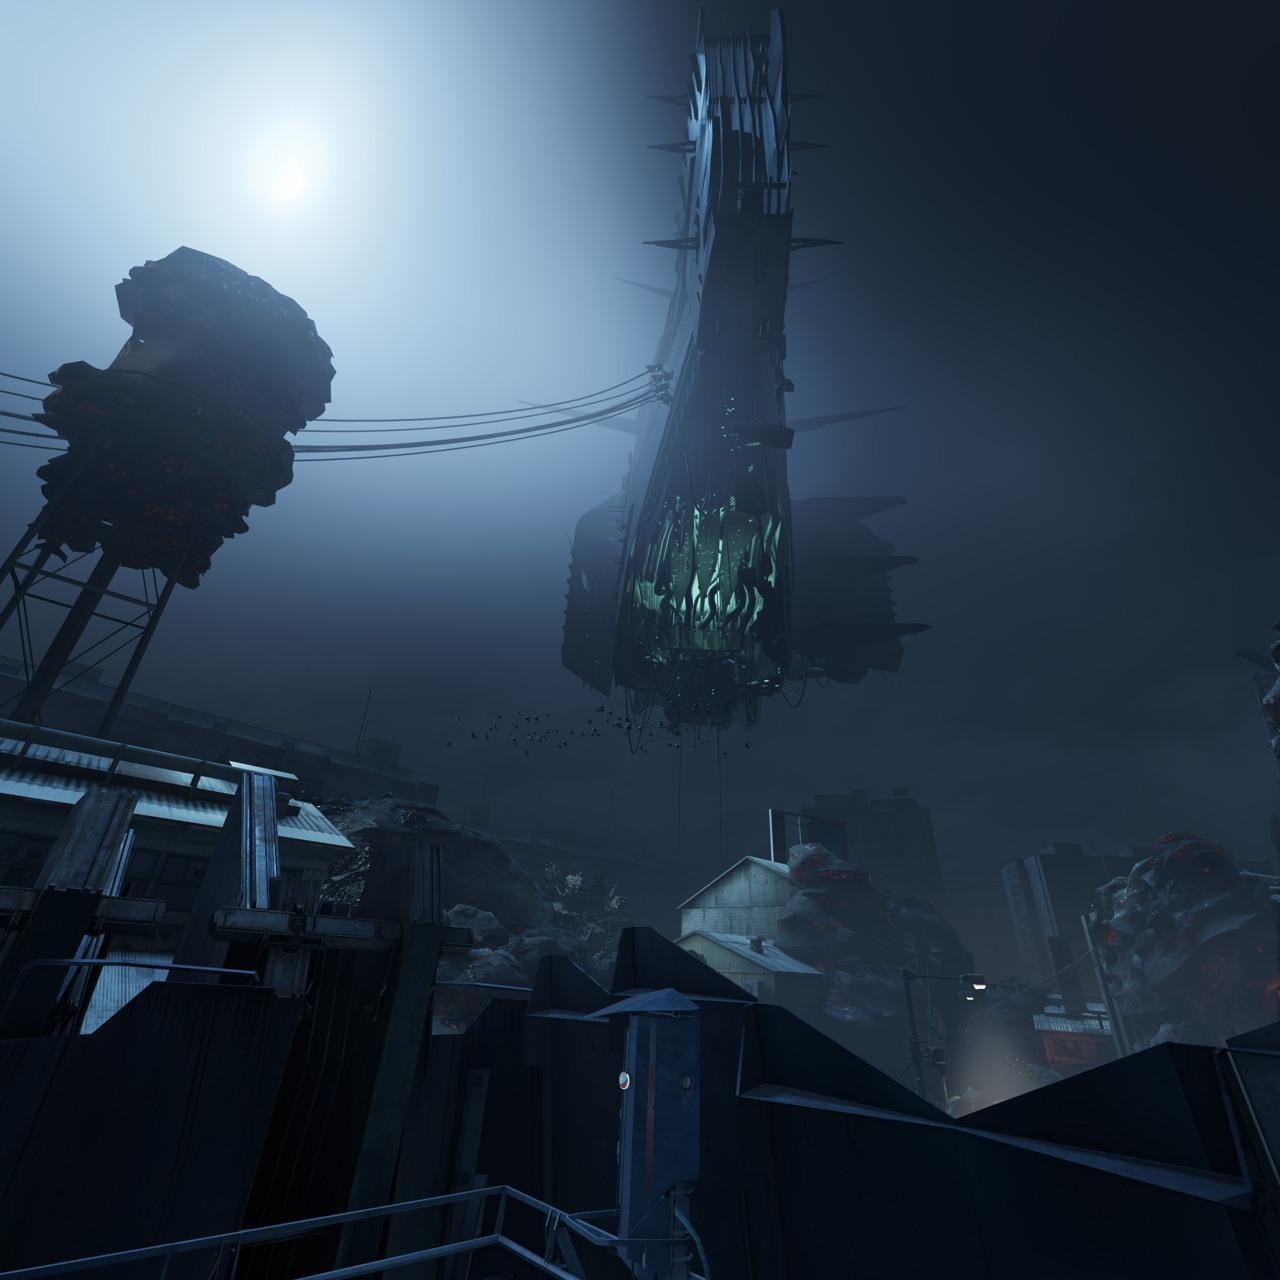 Half-Life Alyx プレイ日記4回目 20時間でクリア ボリューム十分で満足感アリ